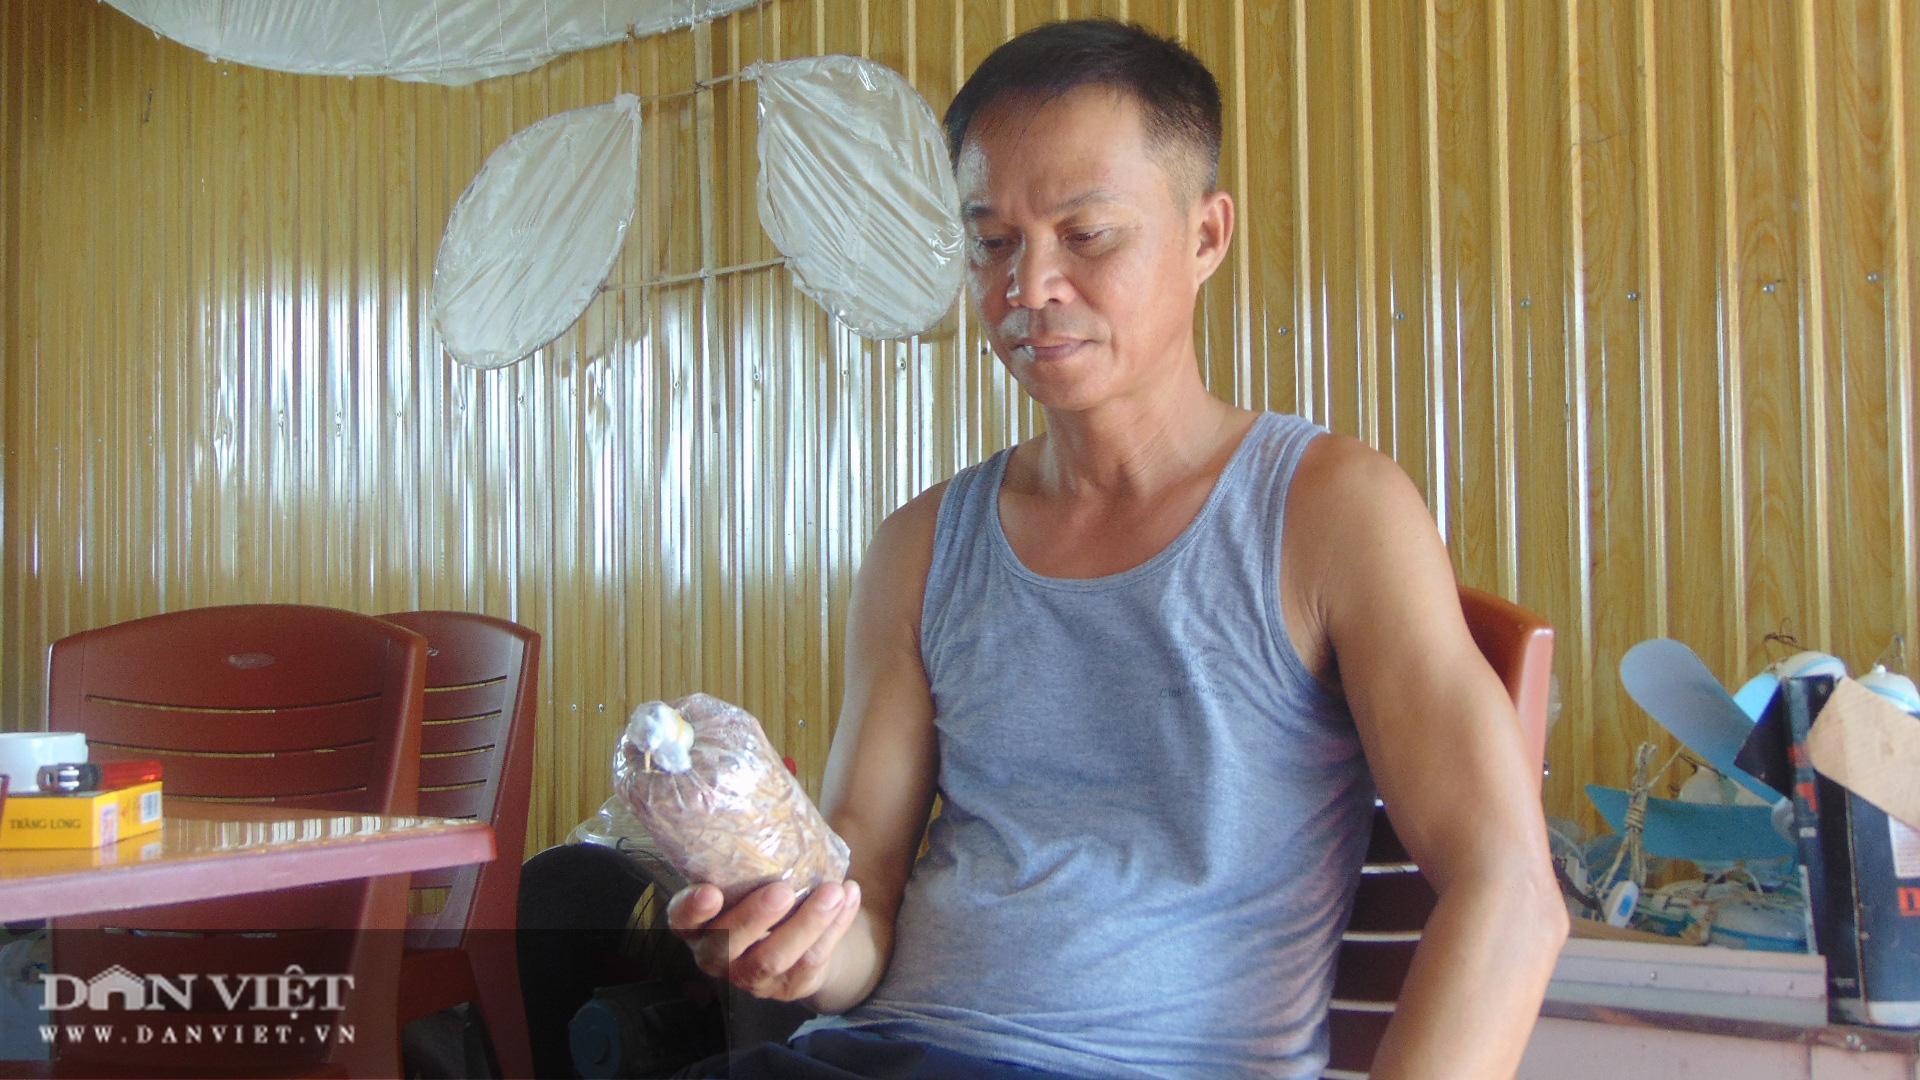 Trồng nấm rơm thương phẩm, anh nông dân Thái Nguyên bỏ túi vài trăm triệu mỗi năm - Ảnh 2.